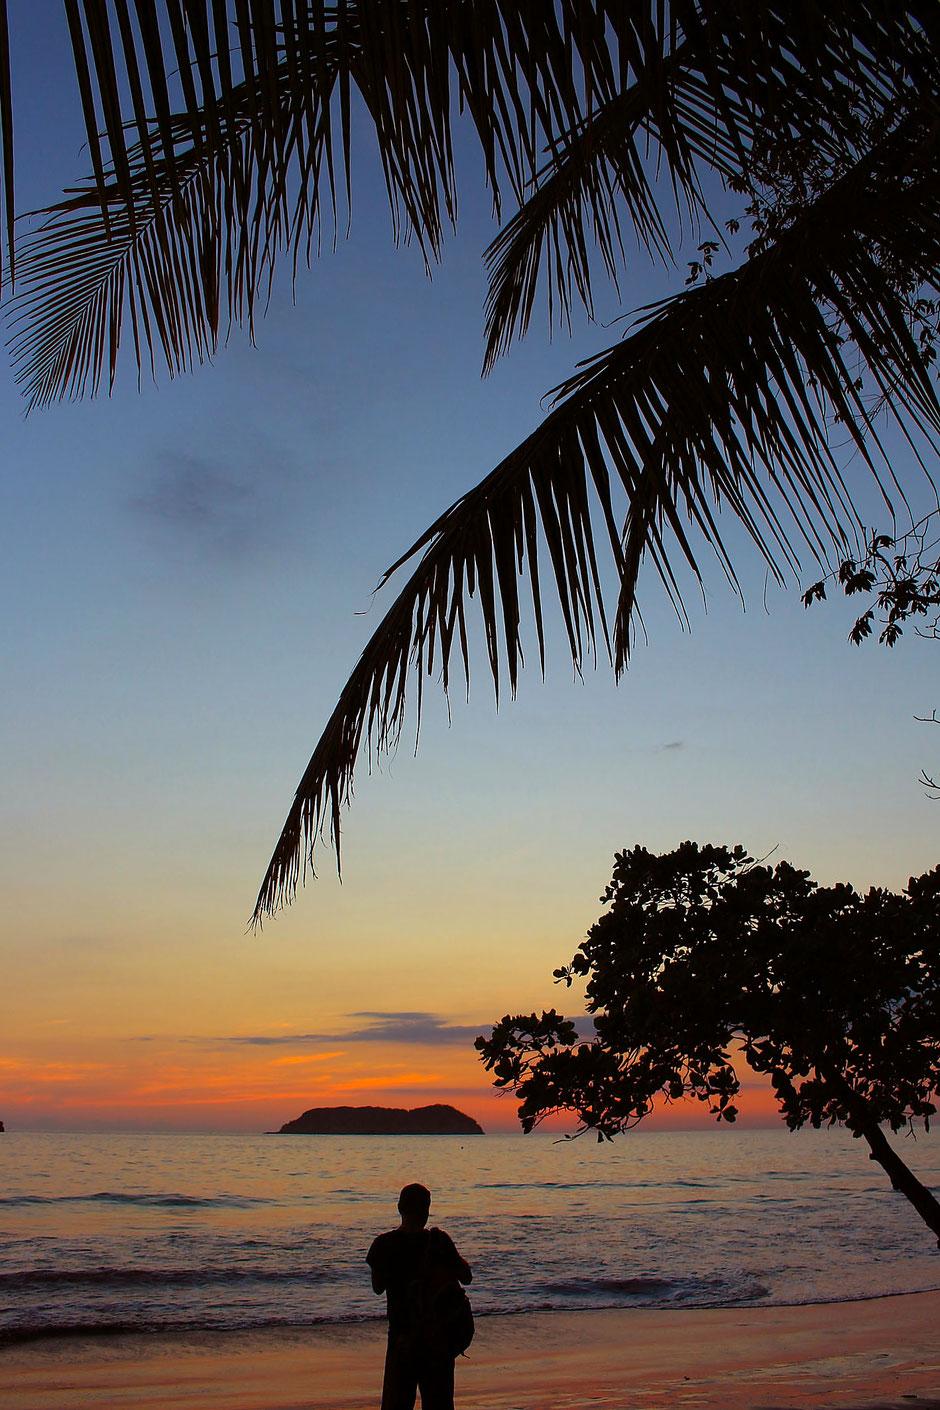 Coucher de soleil à Manuel Antonio. Road trip au Costa Rica. www.missaventure.com blog voyage d'aventures, nature et photos